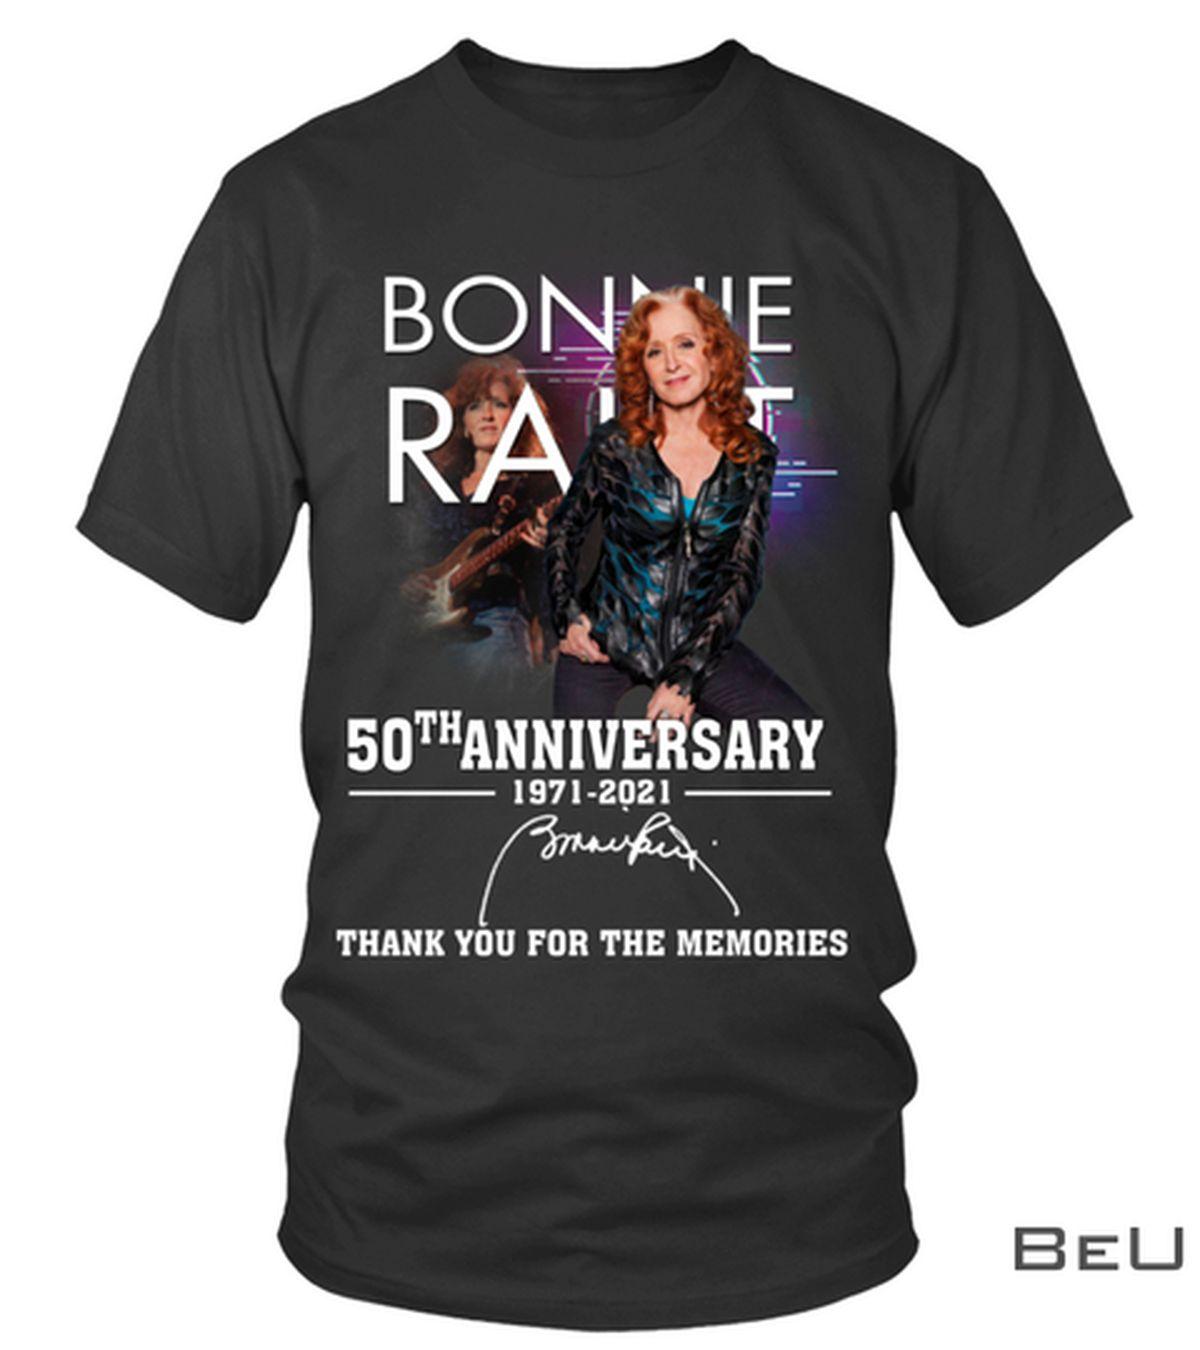 Bonnie Raitt 50th Anniversary 1971 2021 Thank You For The Memories Shirt